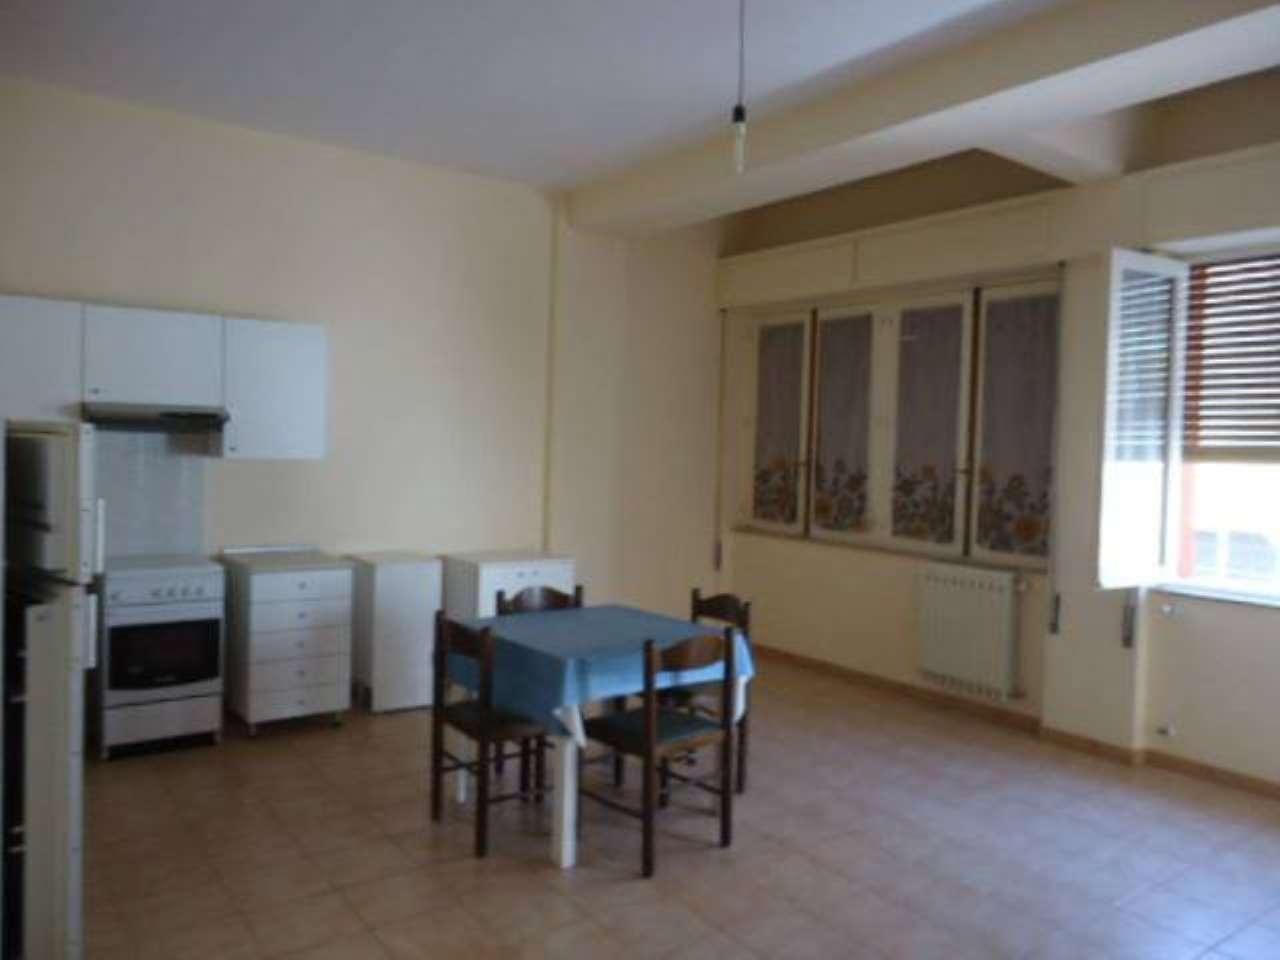 Appartamento in affitto a Pozzallo, 4 locali, prezzo € 500 | PortaleAgenzieImmobiliari.it